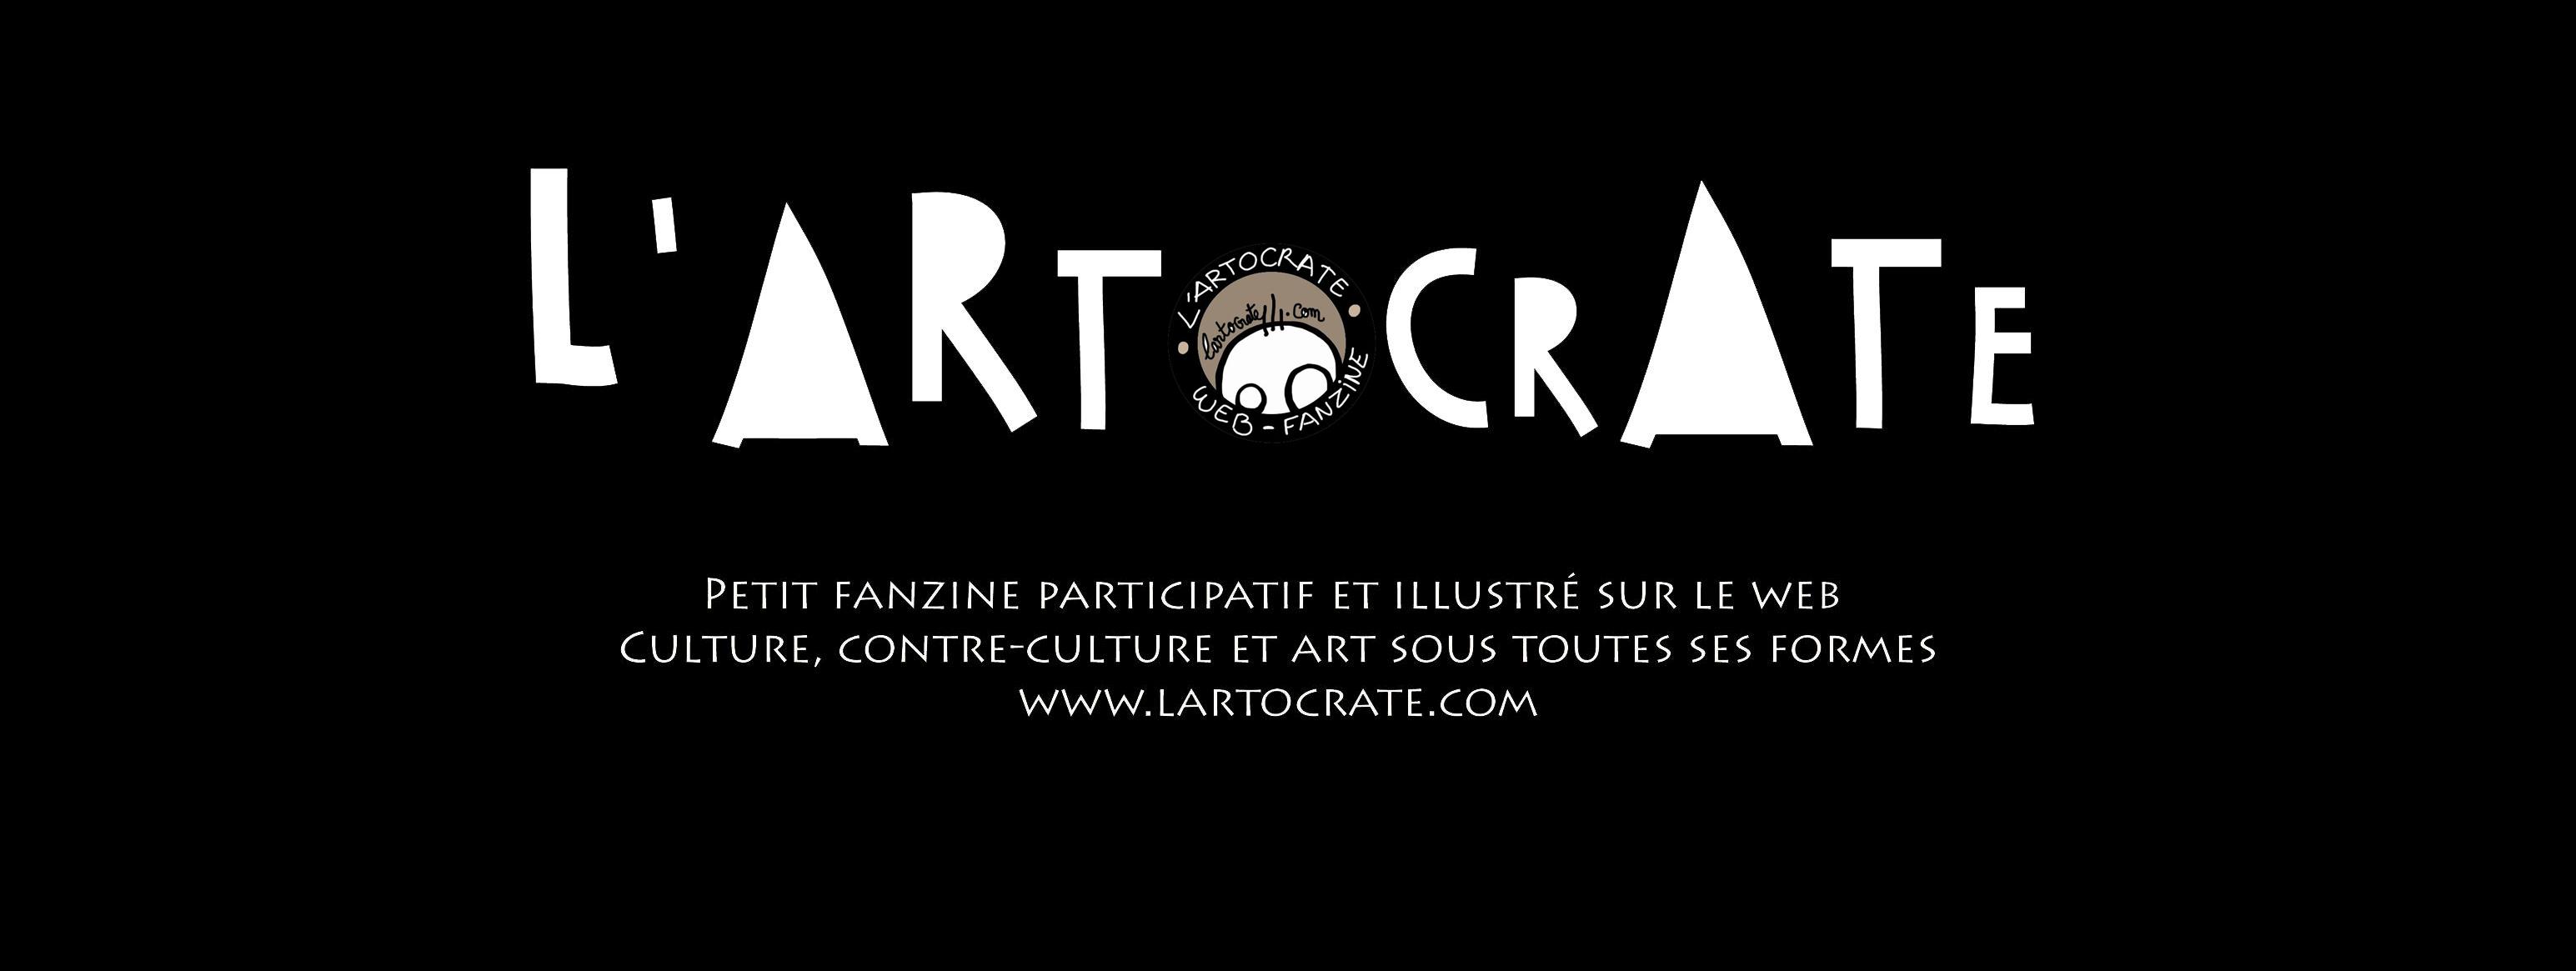 L'Artocrate web fanzine